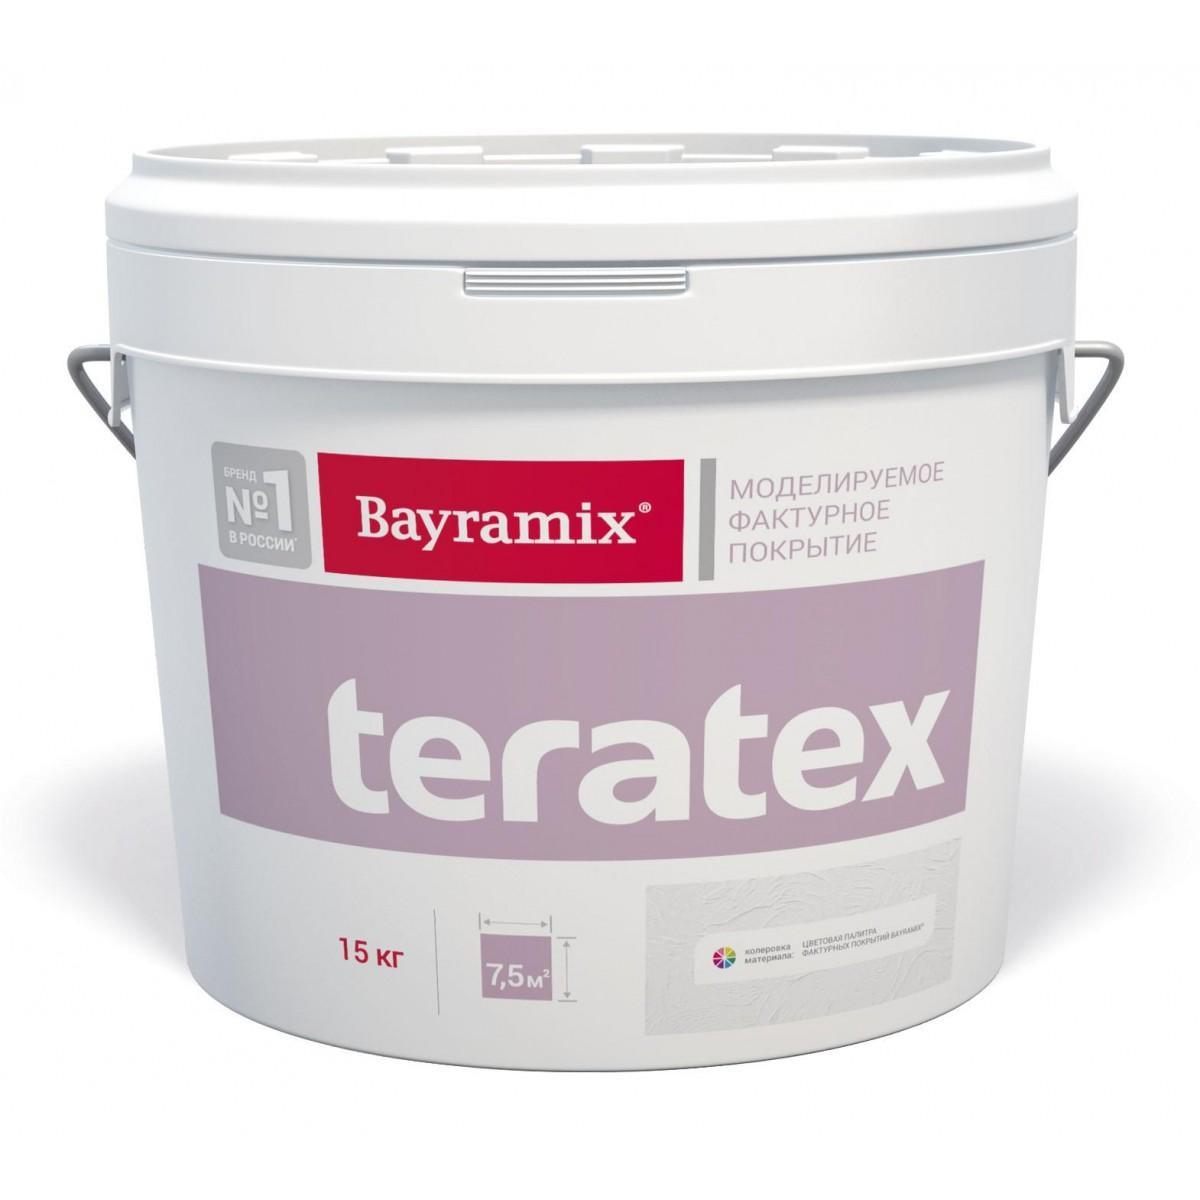 Teratex